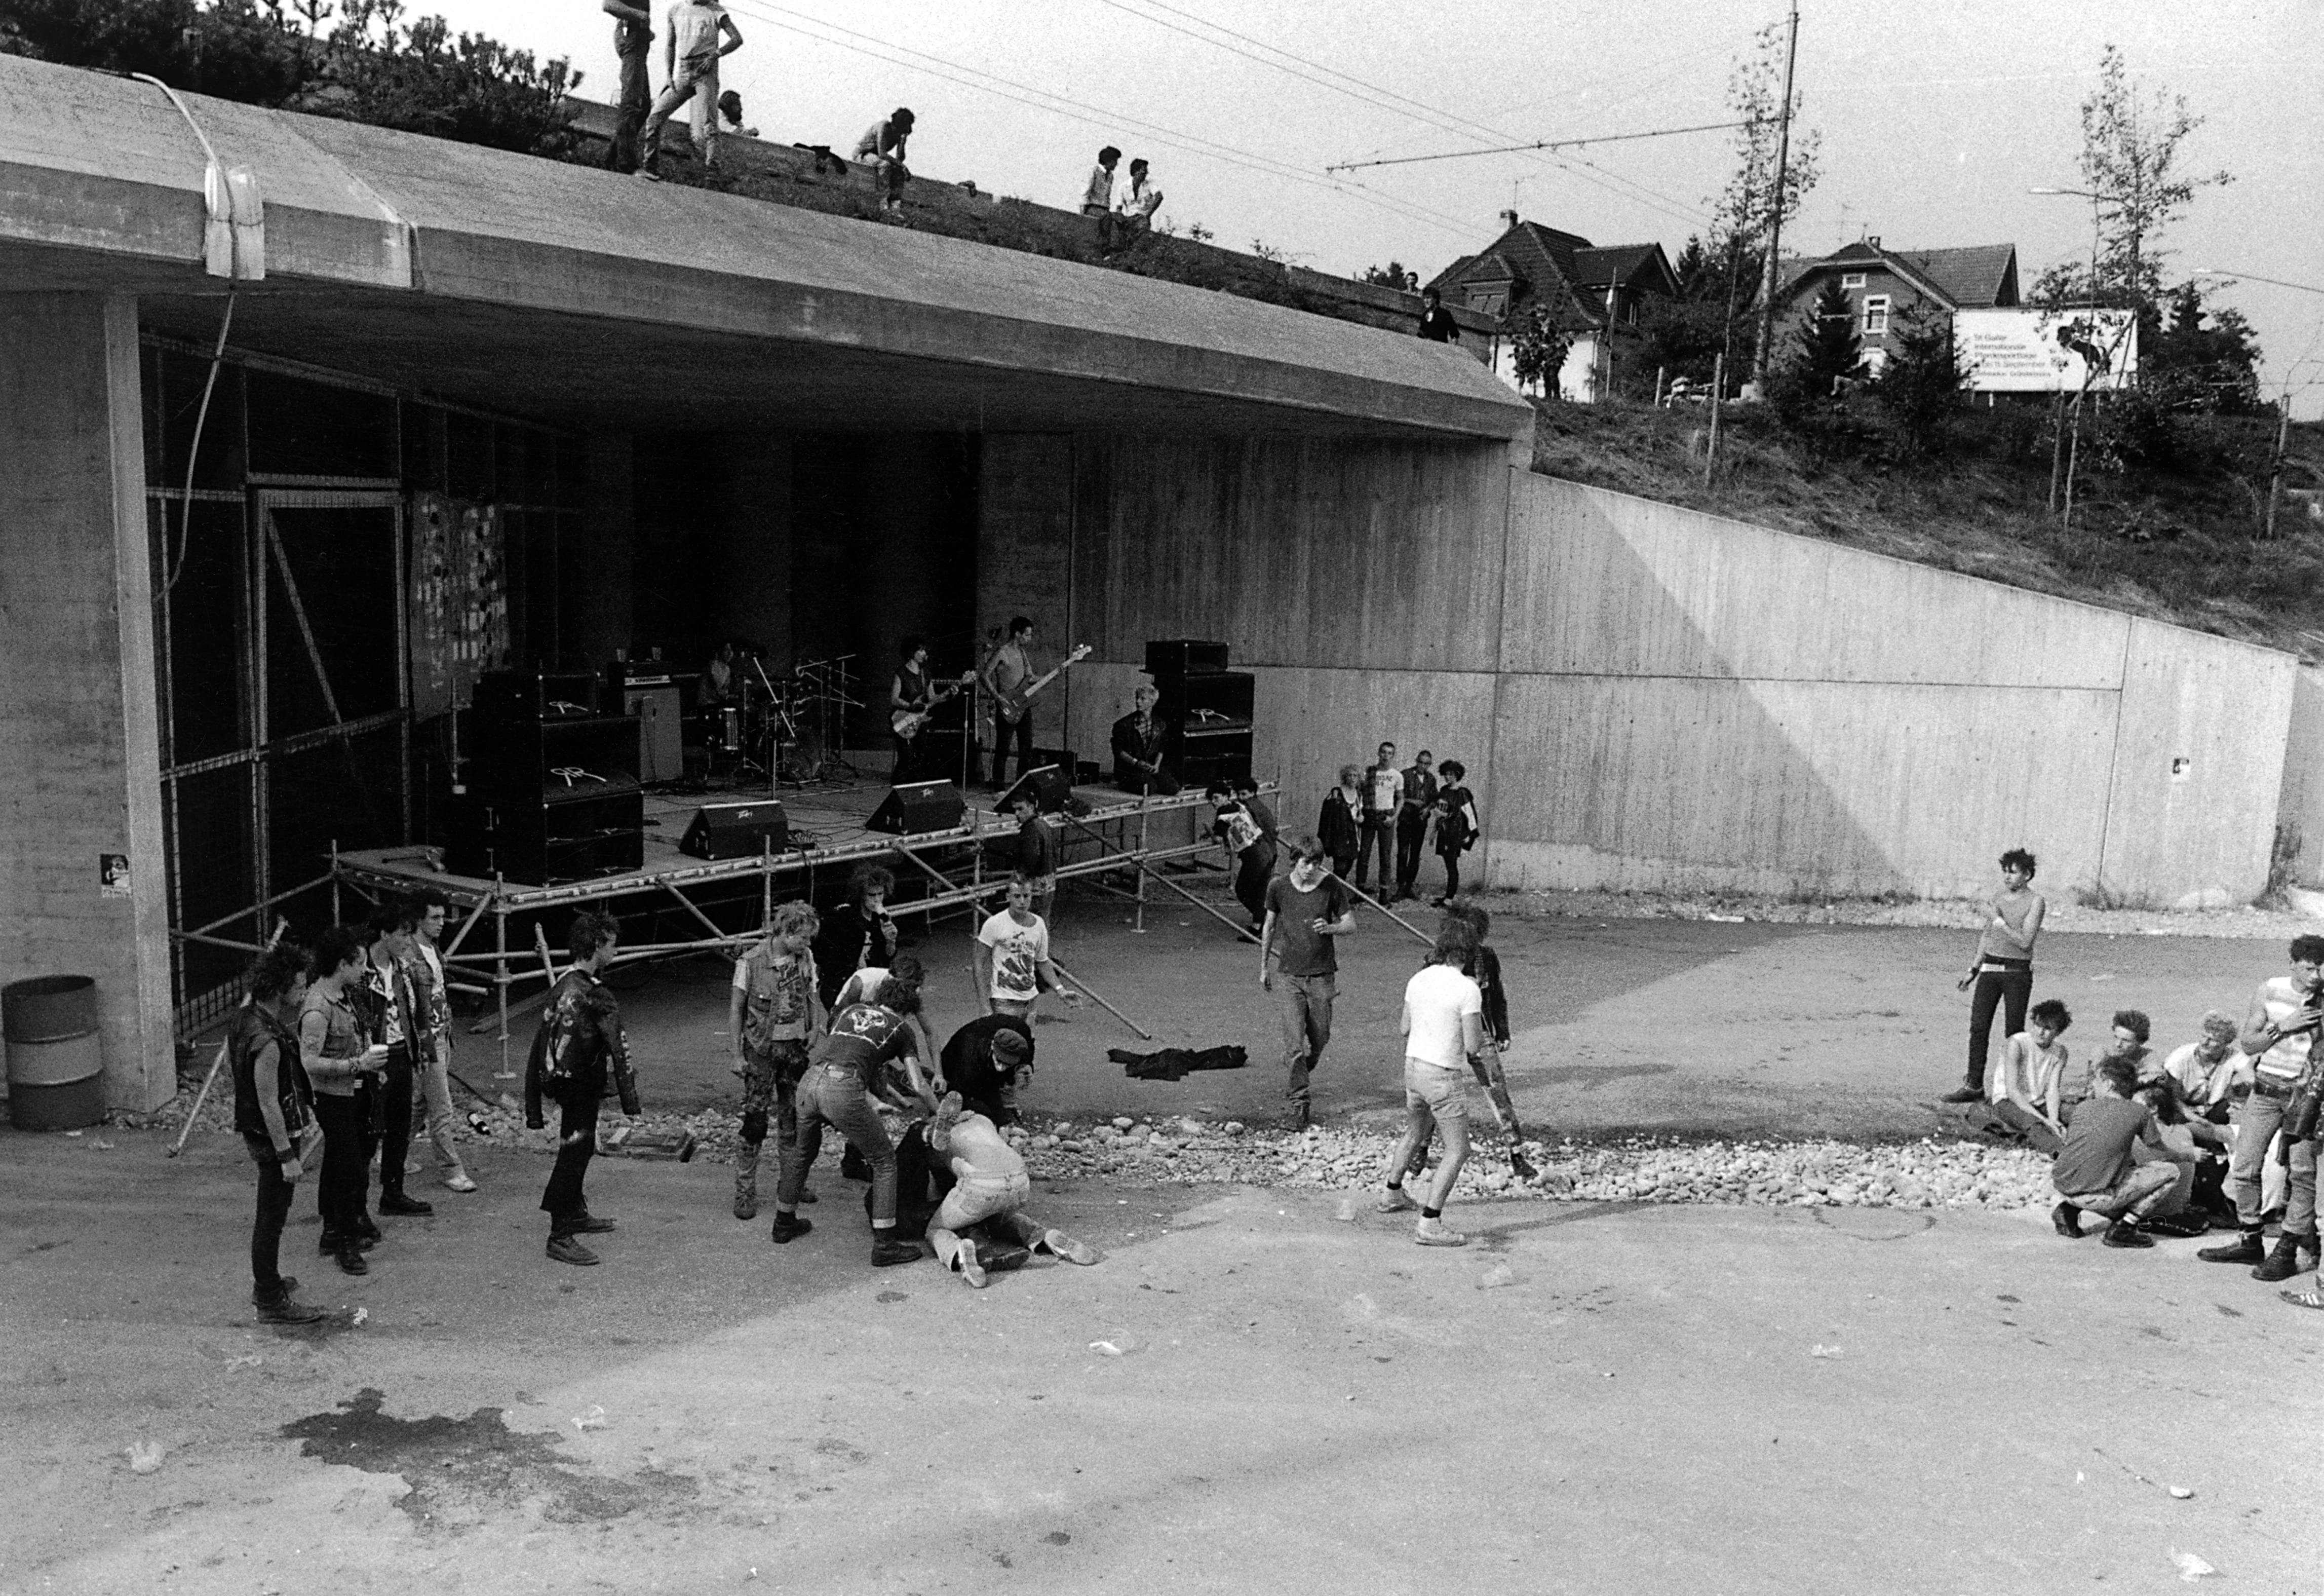 Punkkonzert auf der im Bau befindlichen Stadtautobahn. Vermutlich handelt es sich um den Anlass mit der britischen Band The Insane, an den sich Alex Spirig im «Tagblatt»-Artikel von 2009 (siehe unten) erinnert. (Bild: Stadtarchiv der Ortsbürgergemeinde St.Gallen)